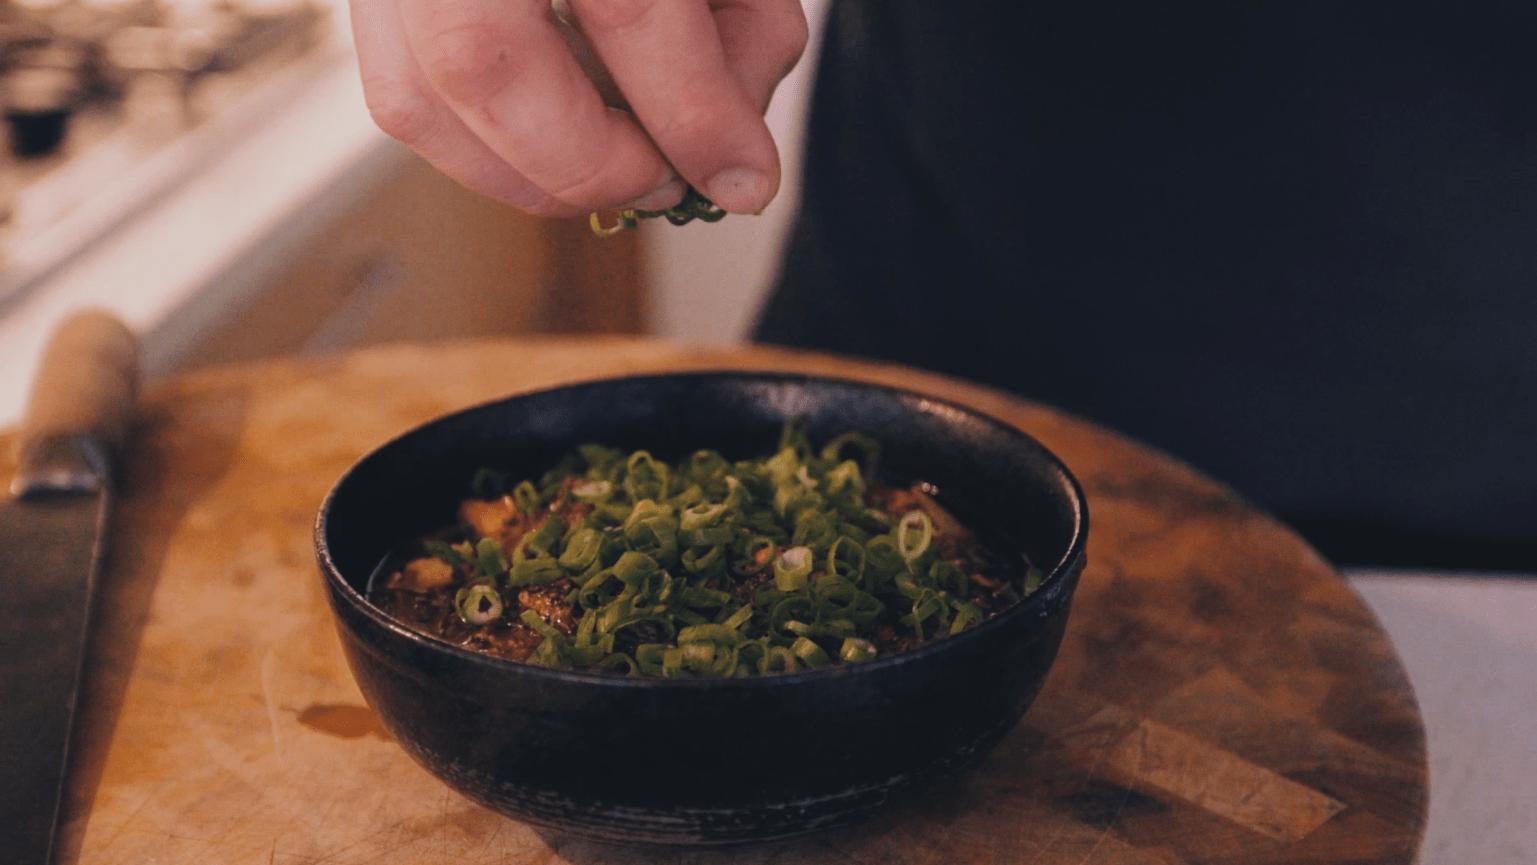 Mapo Tofu dish made by Matthew Murtagh-Wu of the Dumpling King